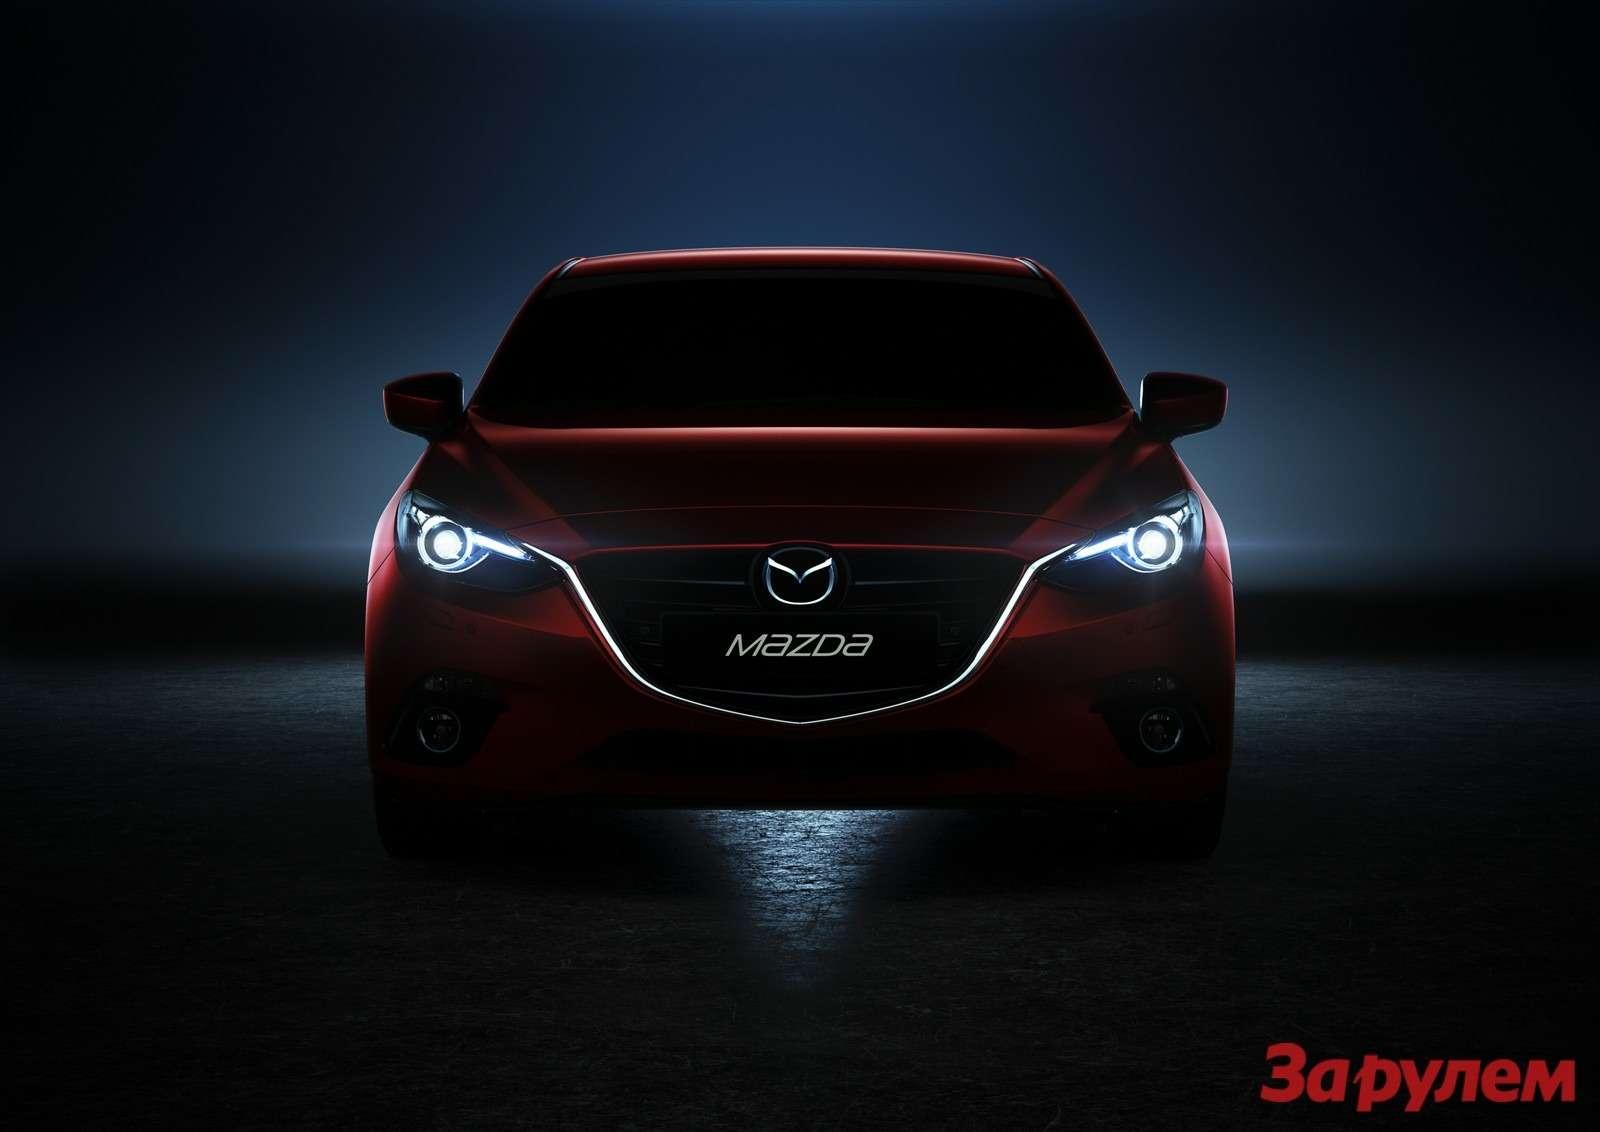 Mazda3 Hatchback 2013 detail 01copy